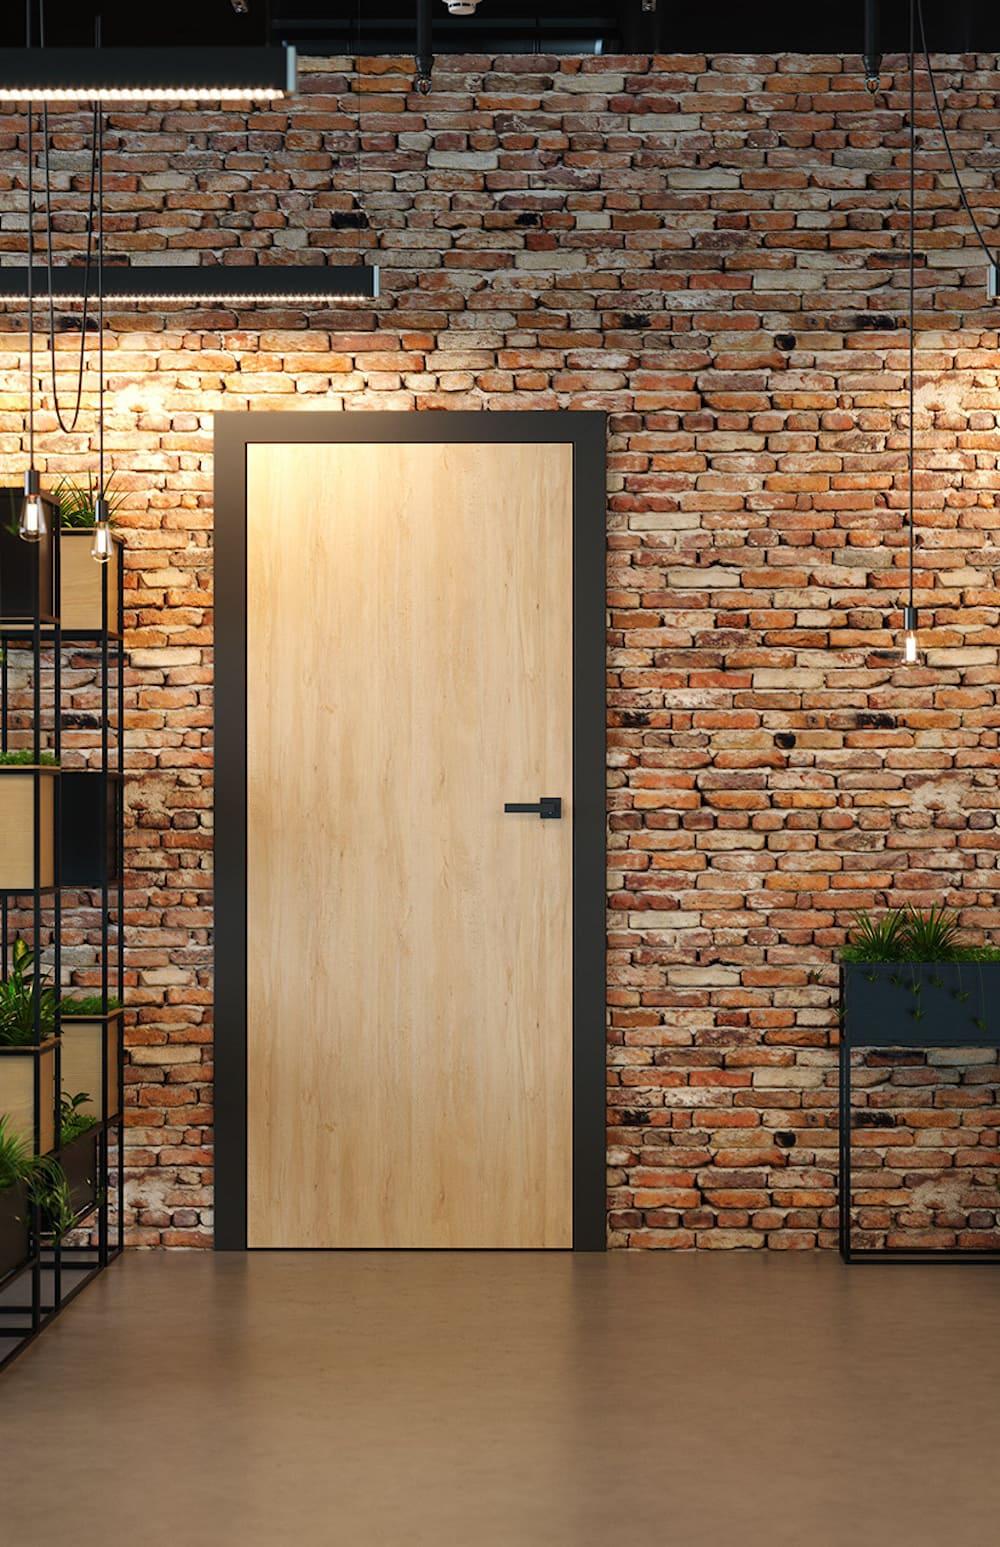 portes intérieures photo 27